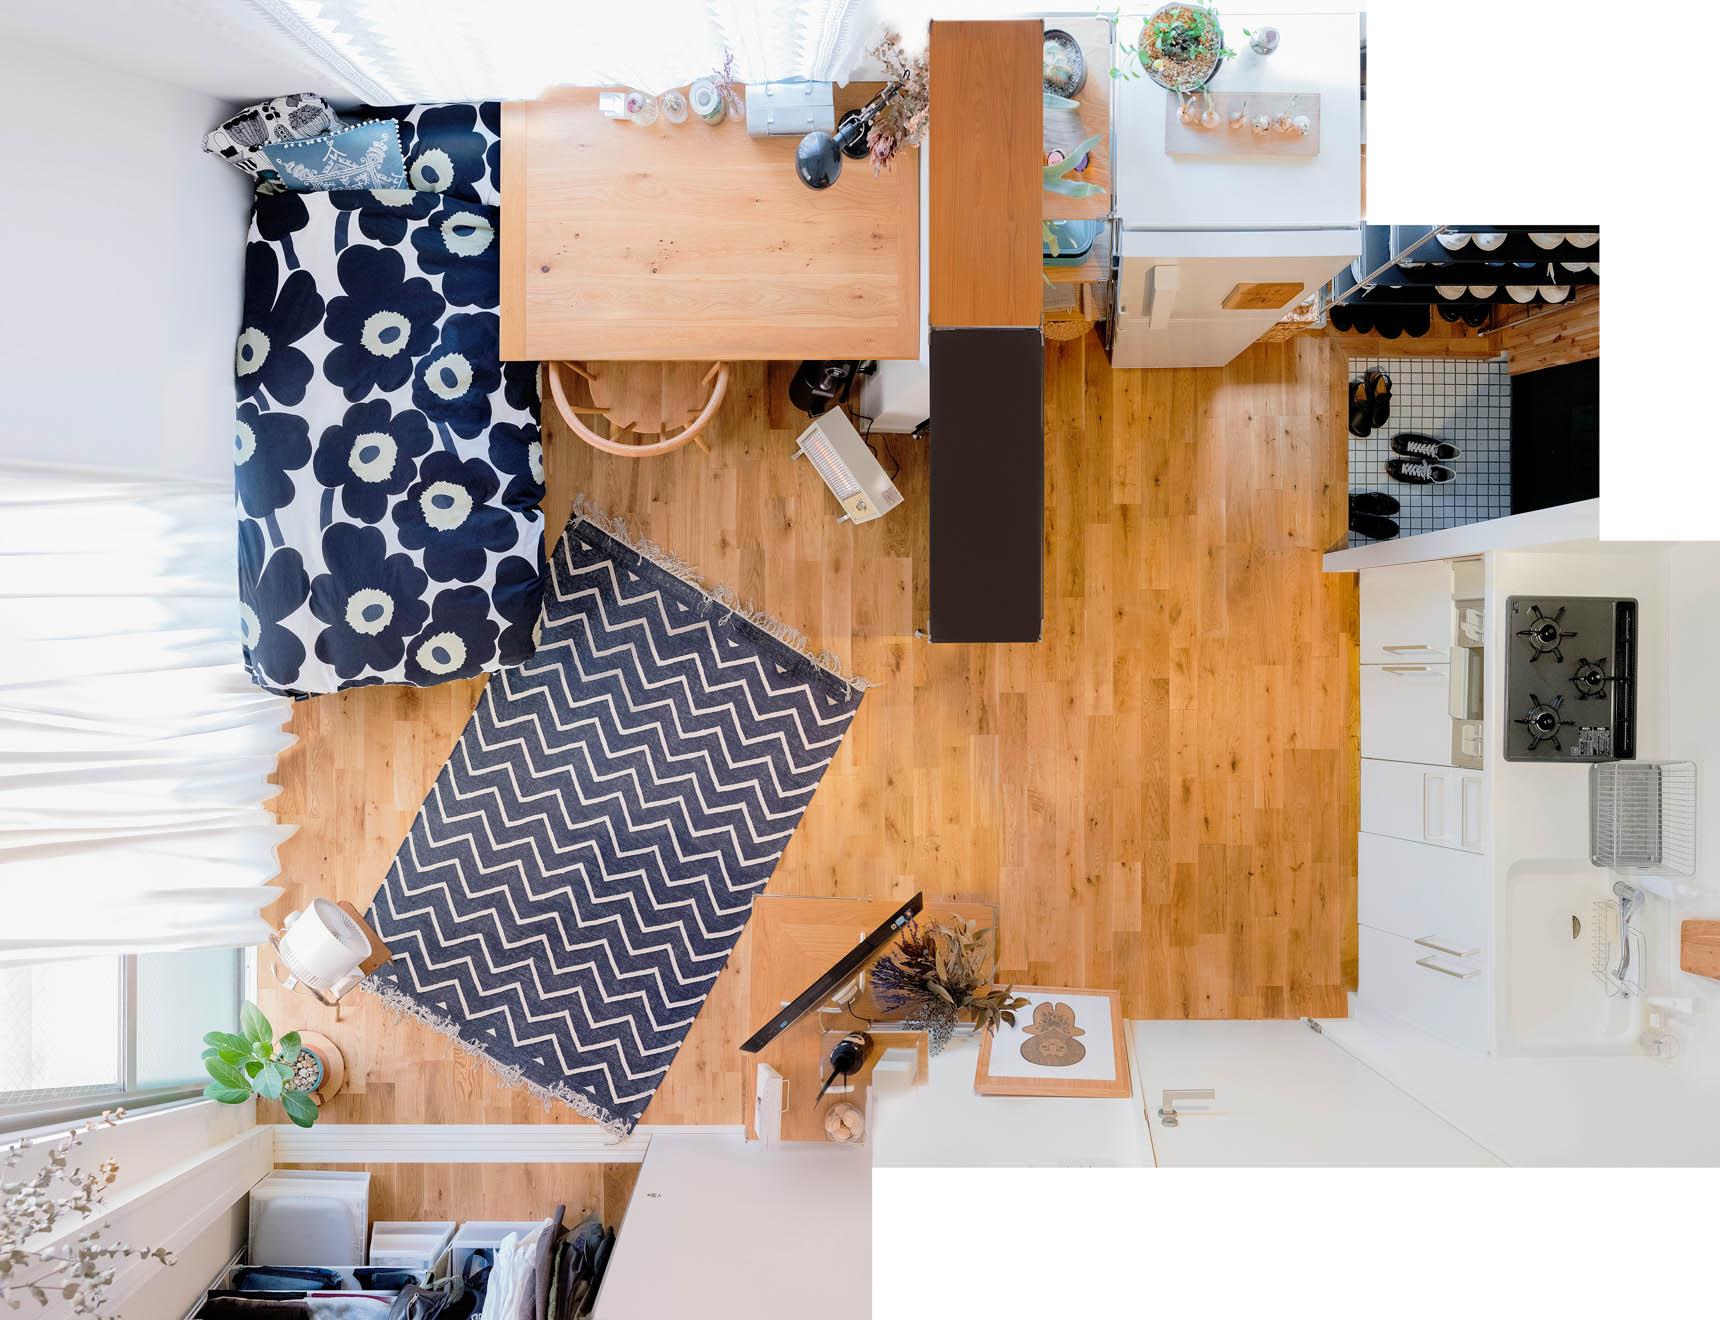 ワンルームで一人暮らしをする渡部さんのお部屋。幅1600mmもある、IDEEのスデューテーブルを活用していらっしゃいました。